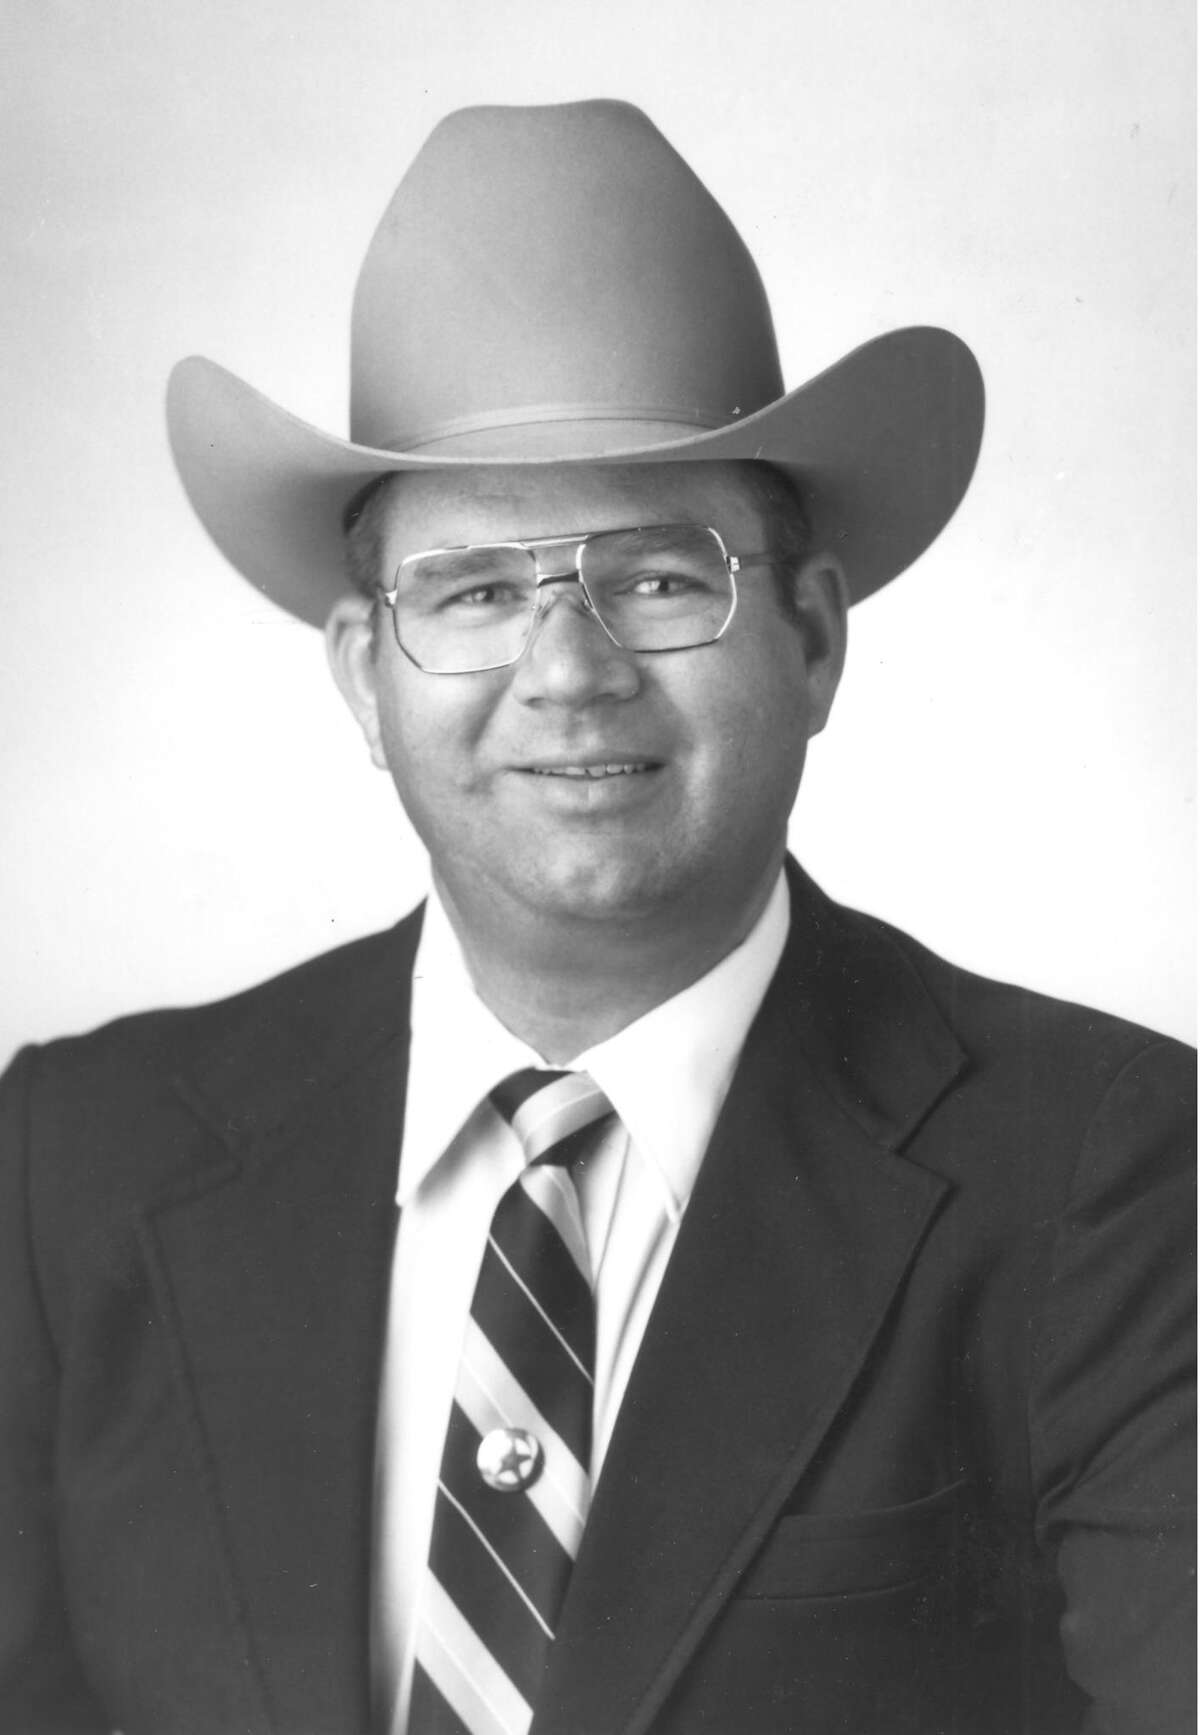 1984: Midland County Sheriff Gary Painter